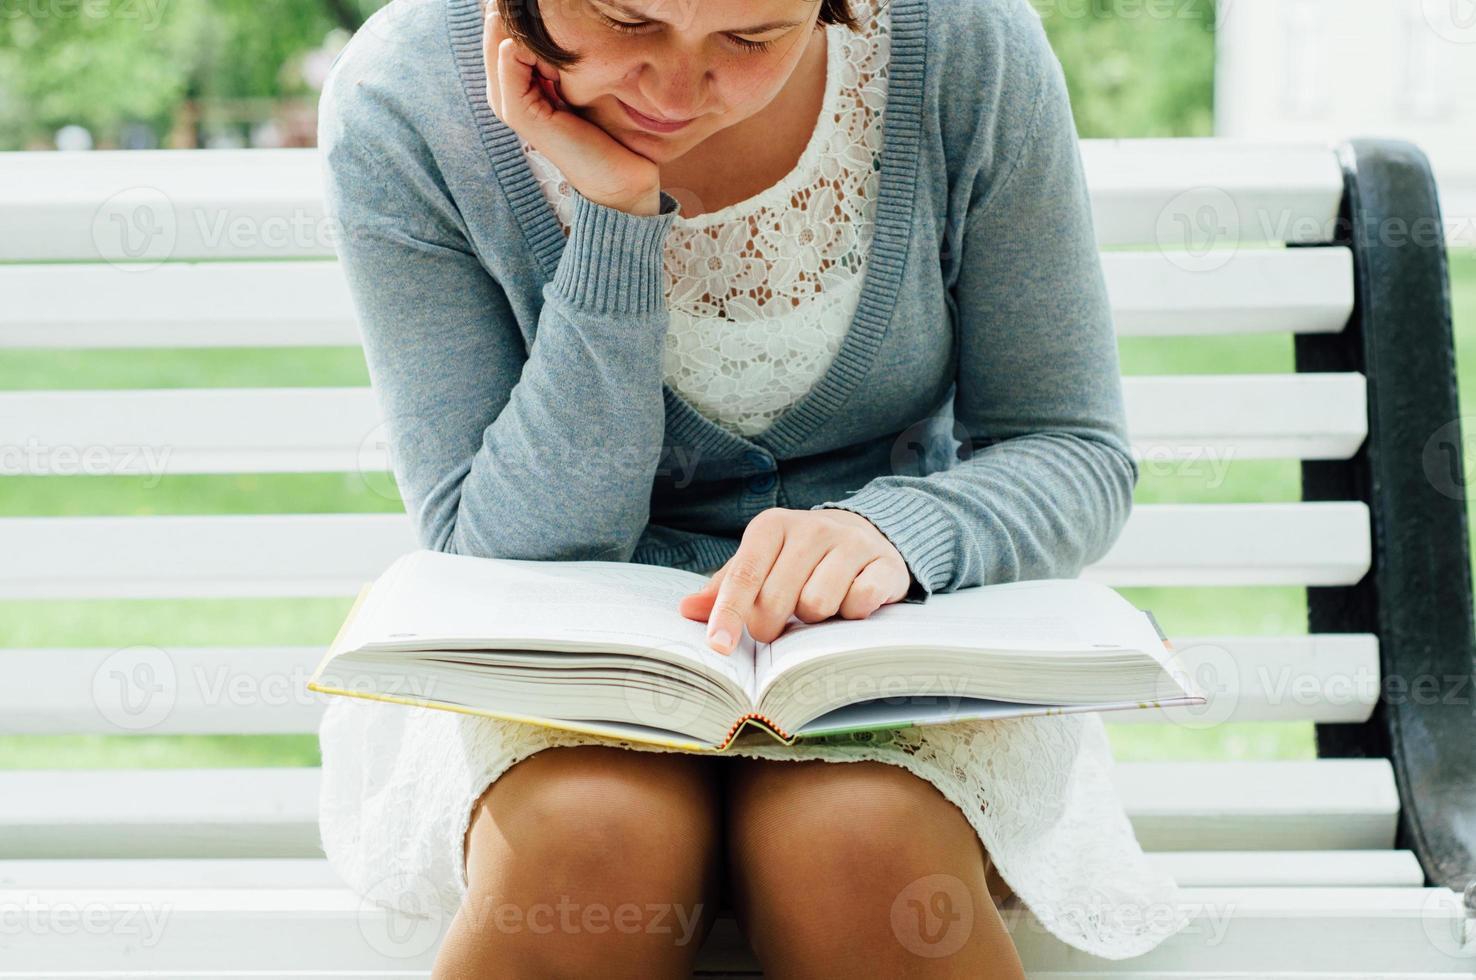 jeune femme lit sur un banc dans le parc photo